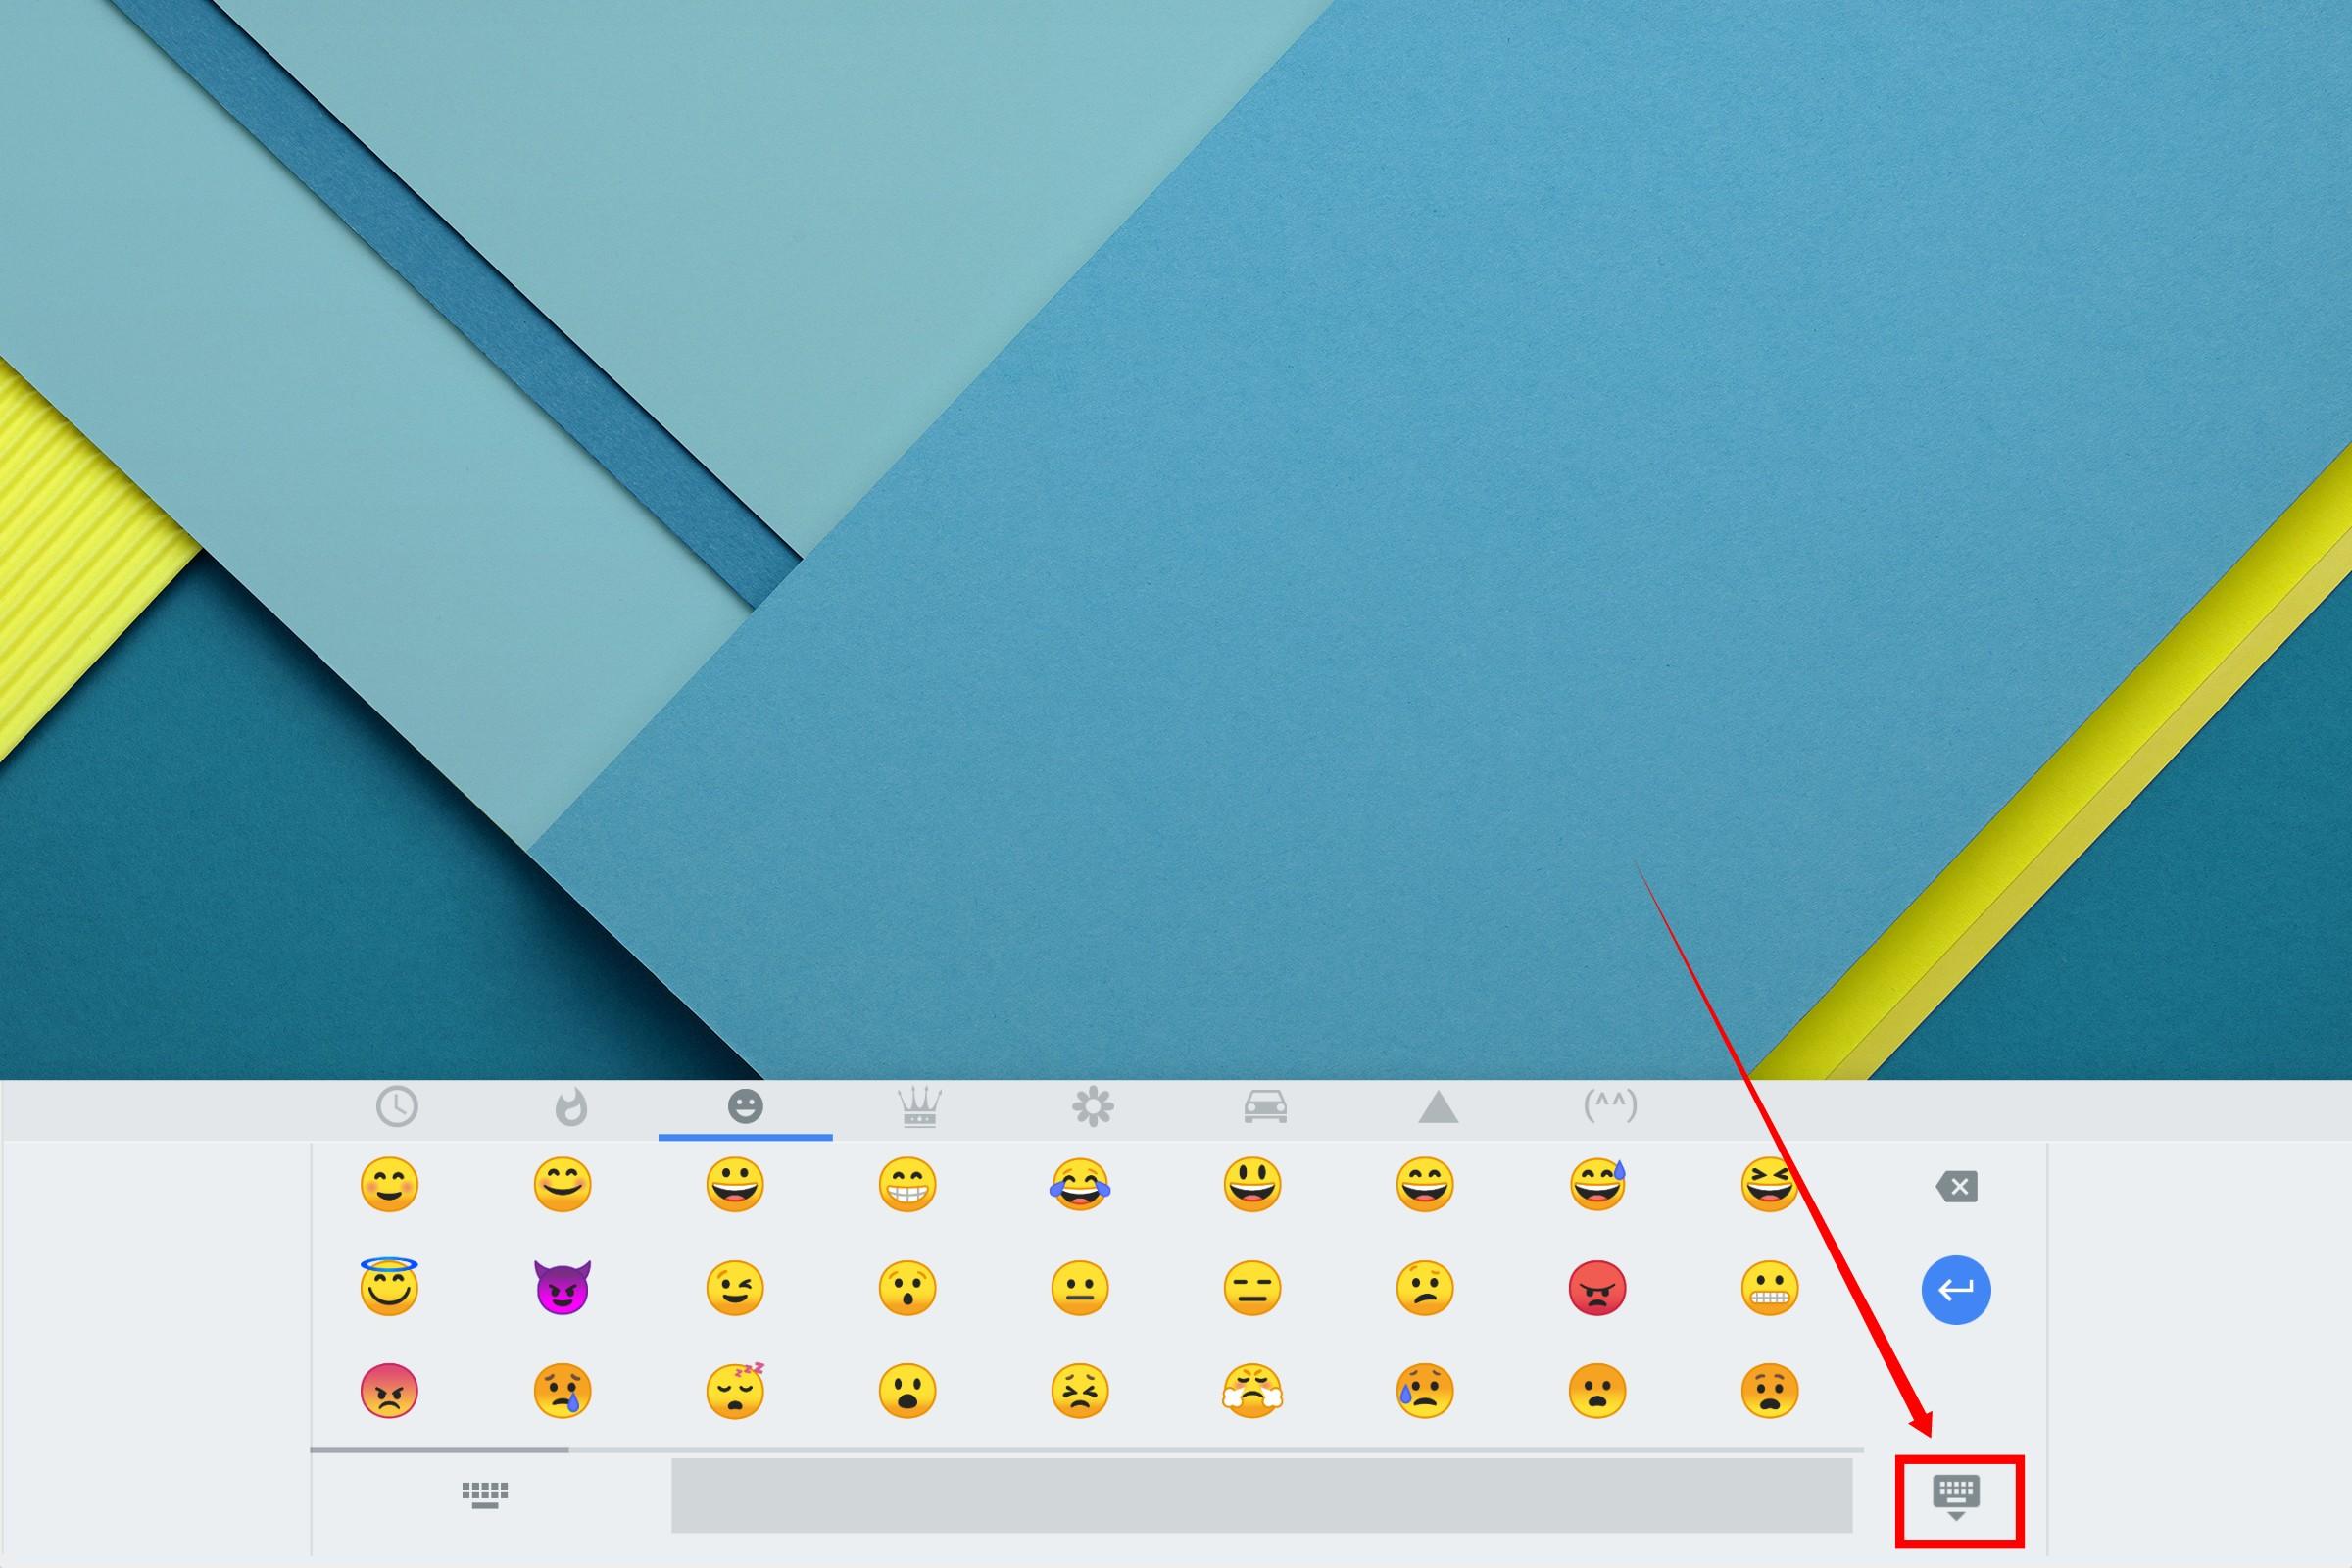 Chrome OS using Emoji 10